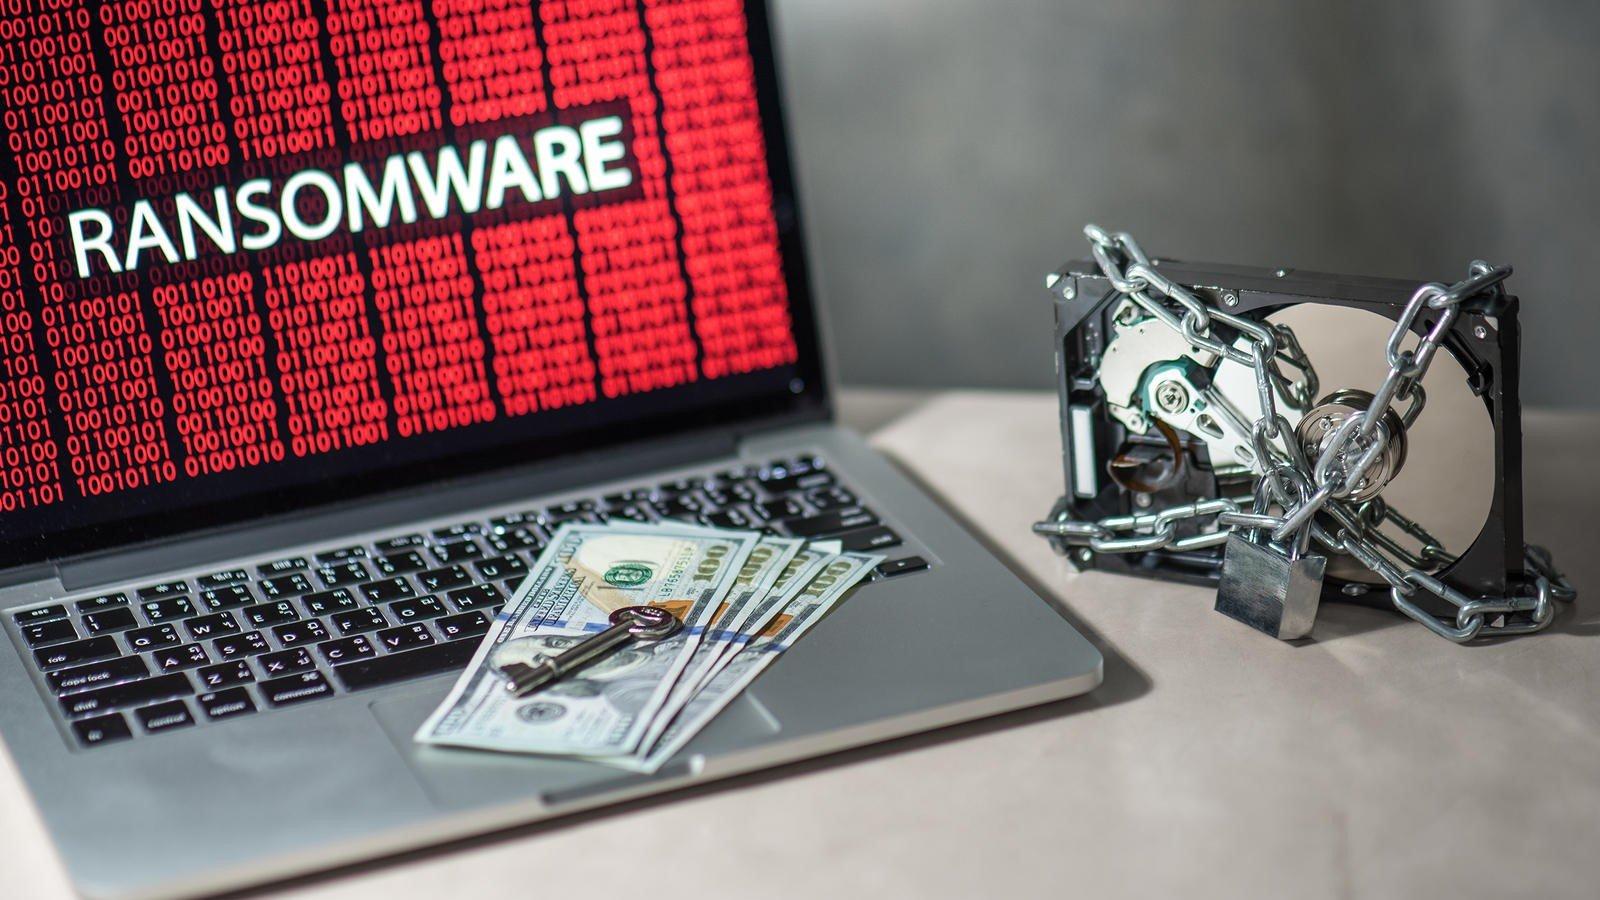 Bigstock  ransomware